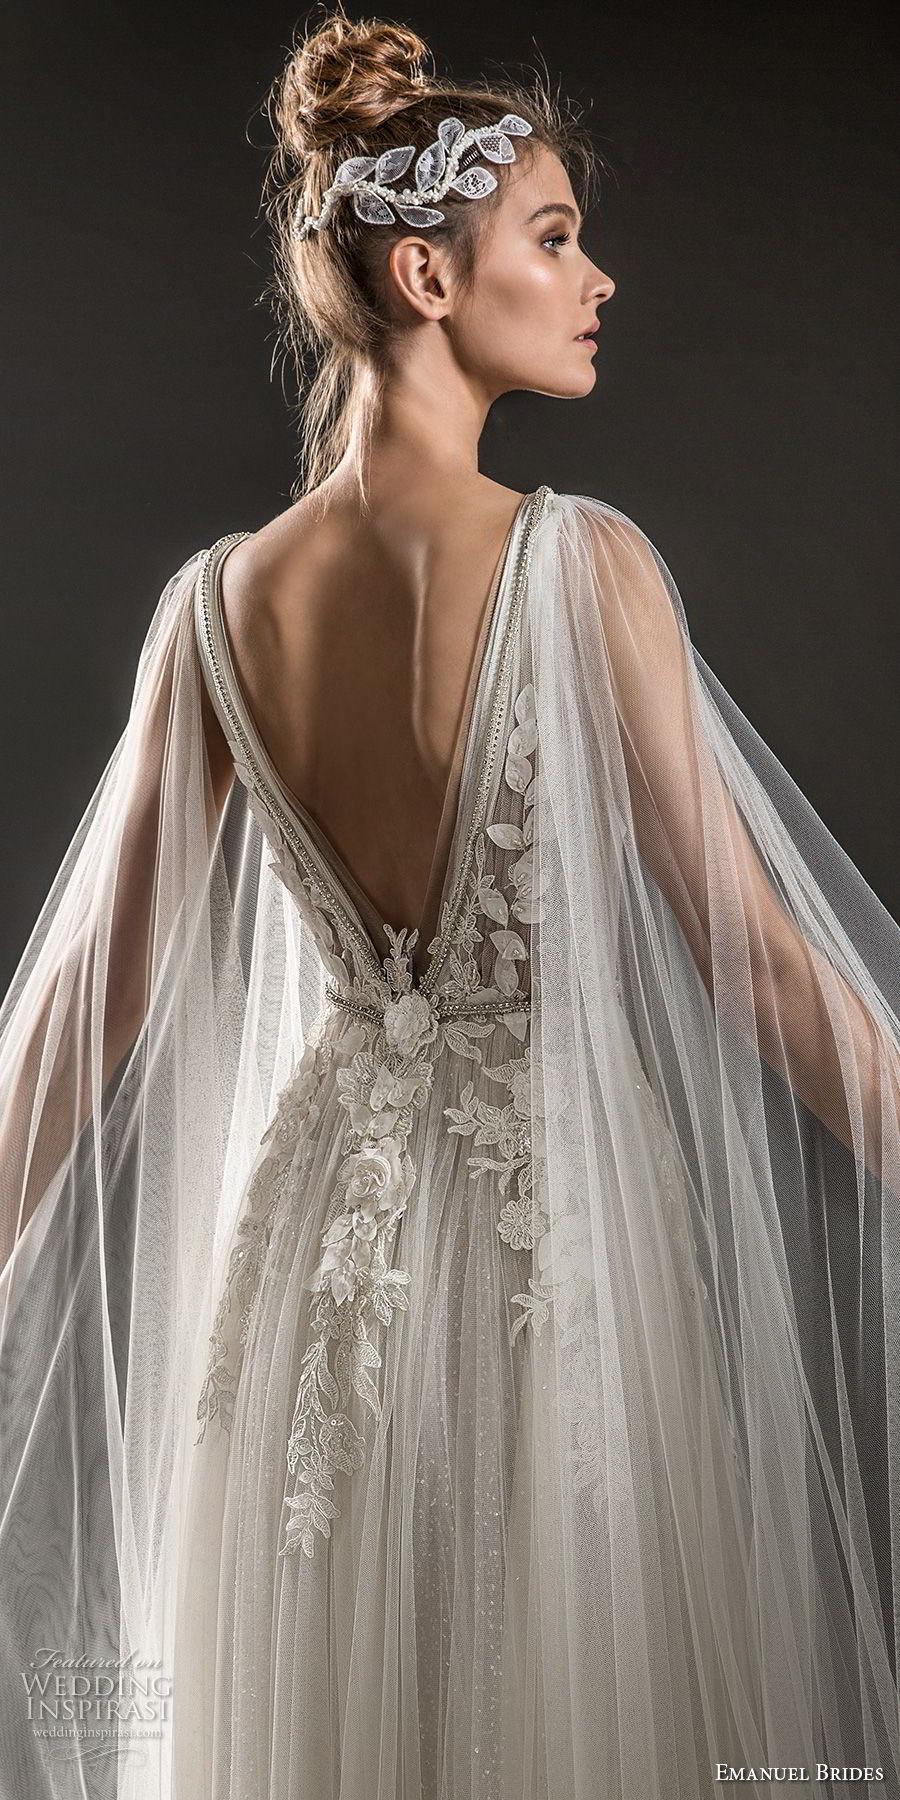 emanuel brides 2018 bridal sleeveless deep plunging v neck heavily embellished bodice elegant romantic soft a  line wedding dress sheer cape open v back sweep train (08) zbv